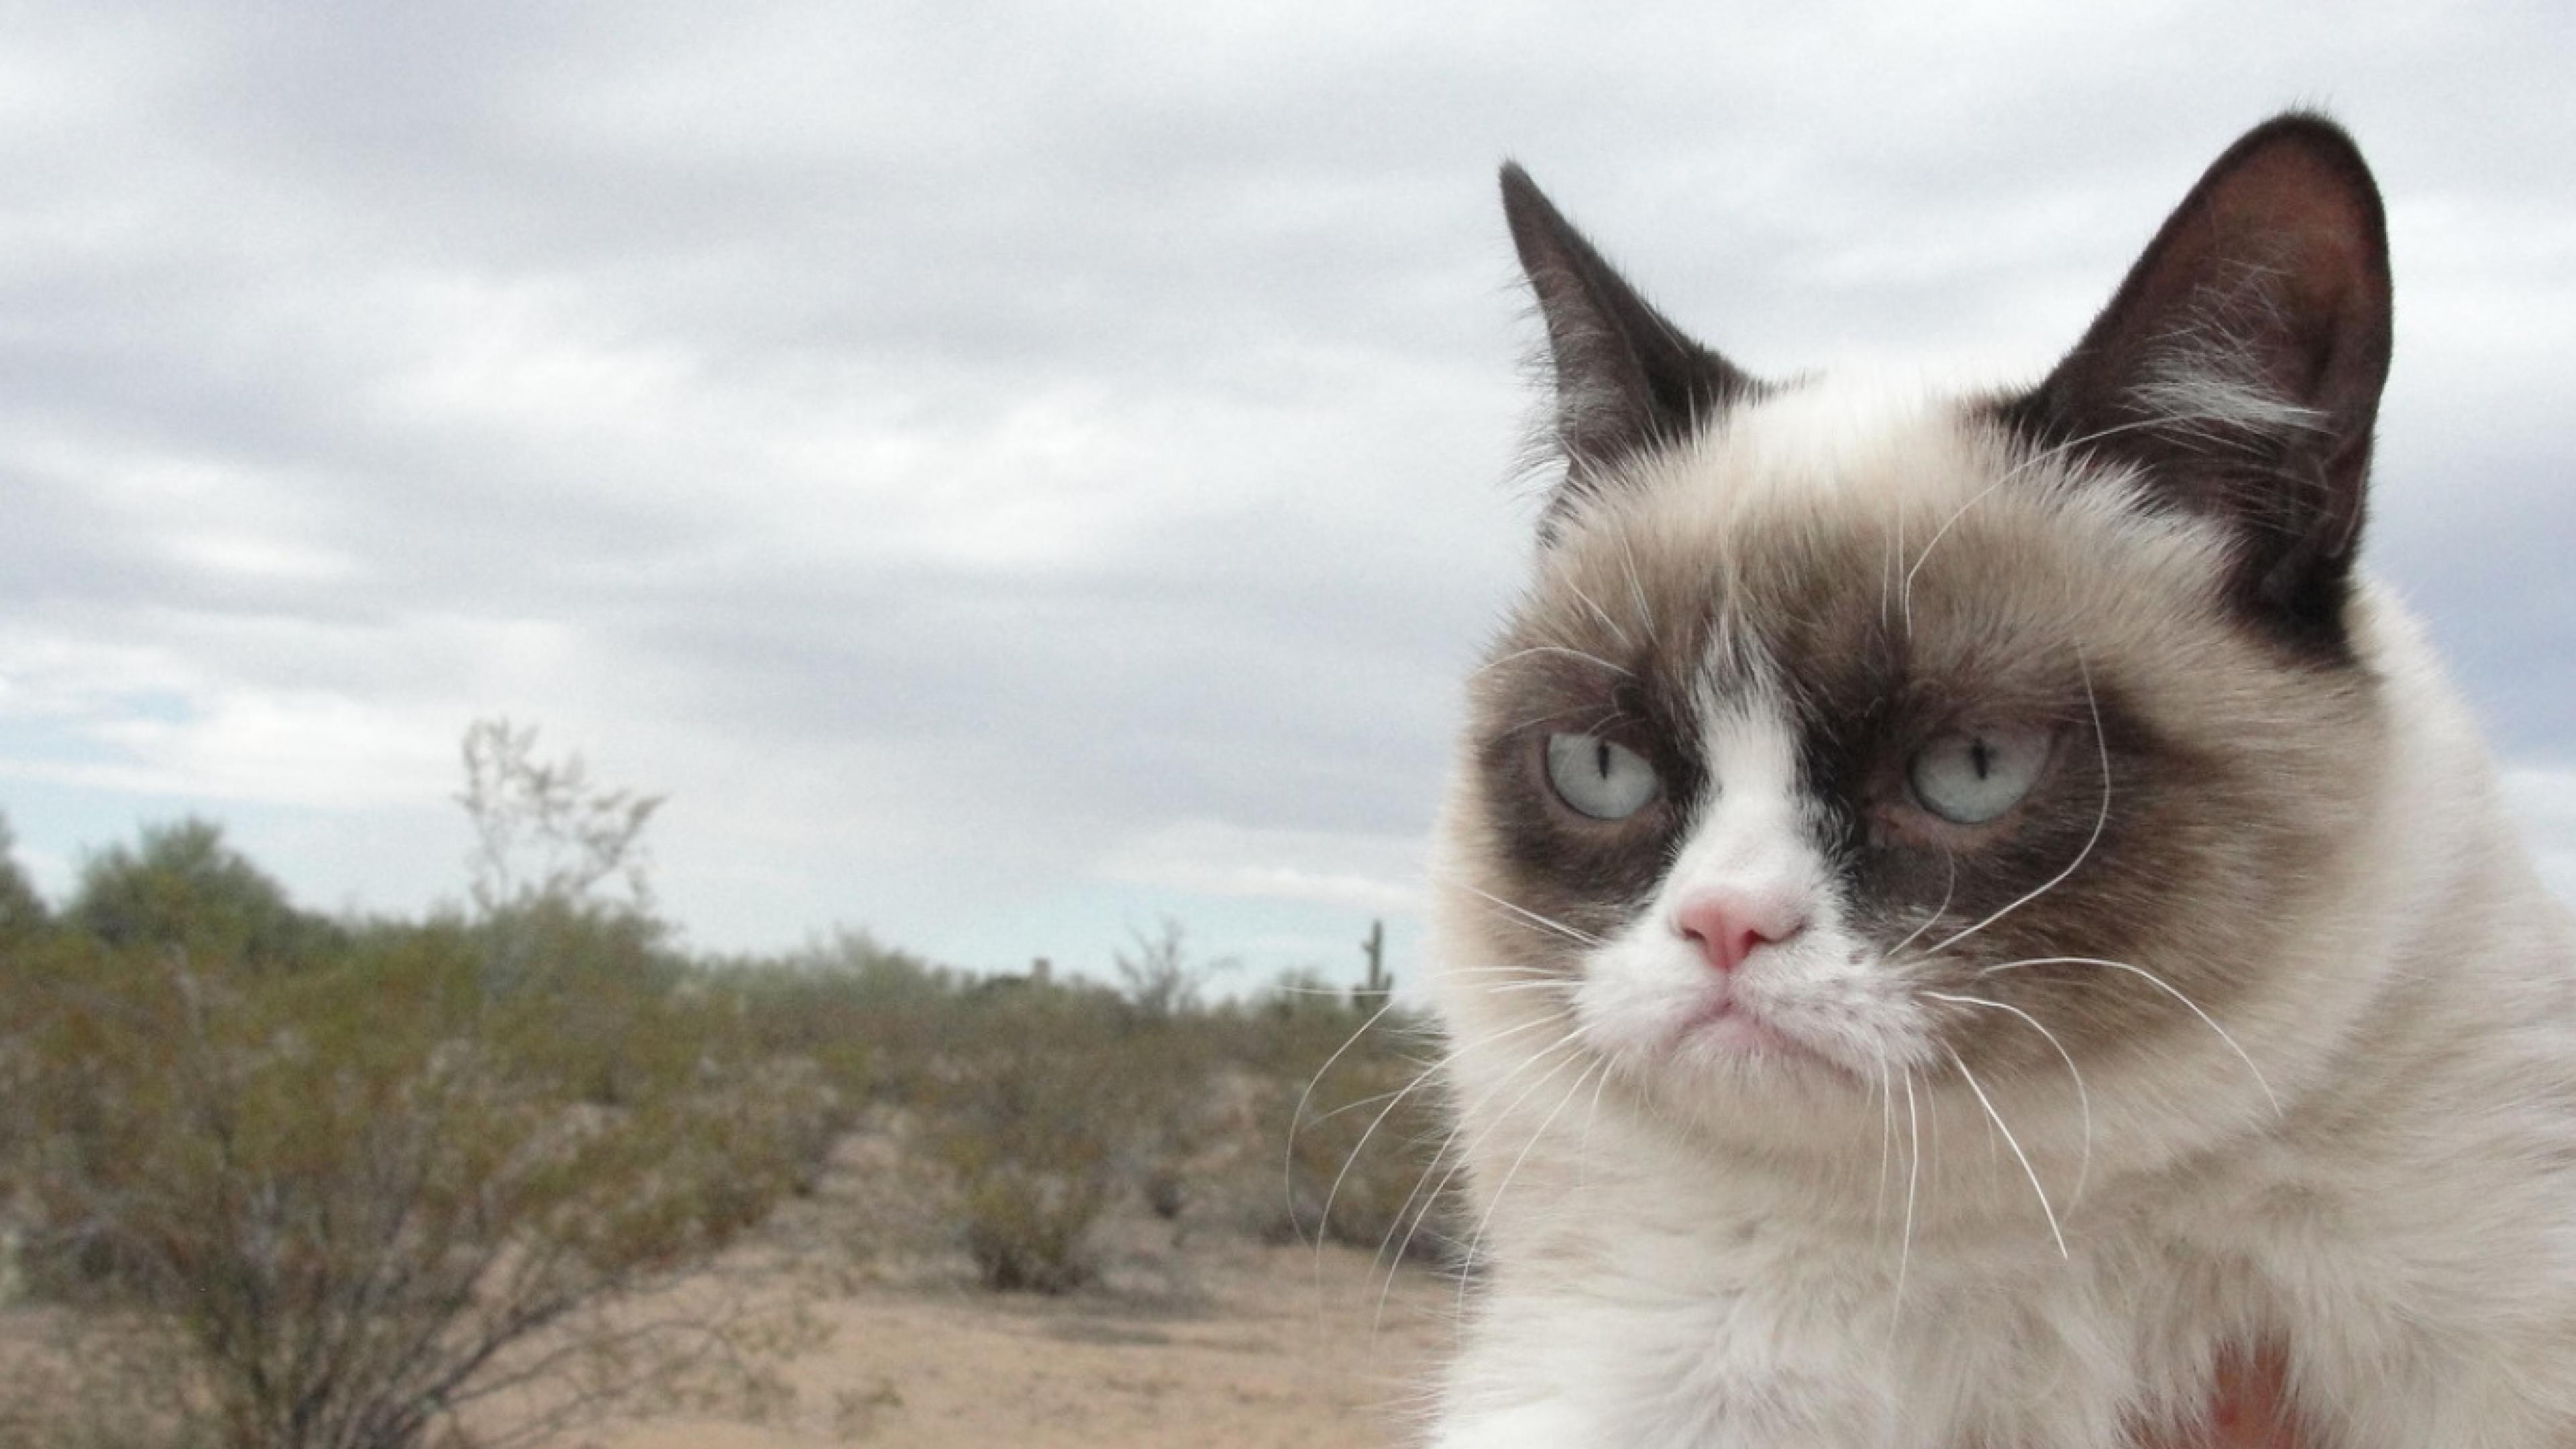 My Grumpy Cat